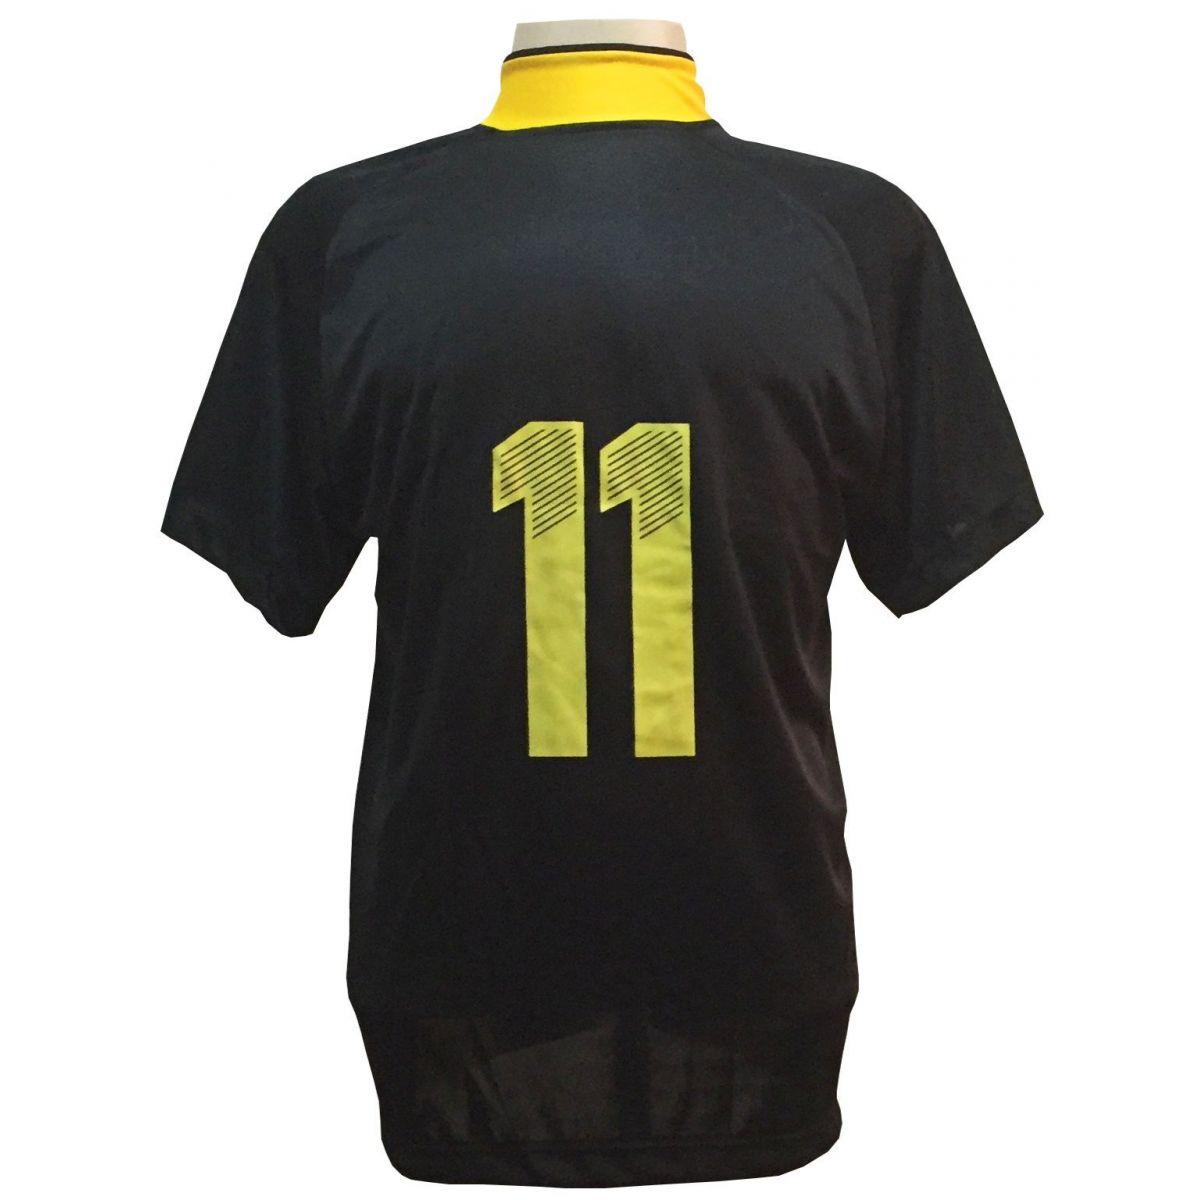 Uniforme Esportivo com 18 camisas modelo Milan Preto/Amarelo + 18 calções modelo Madrid Preto + Brindes